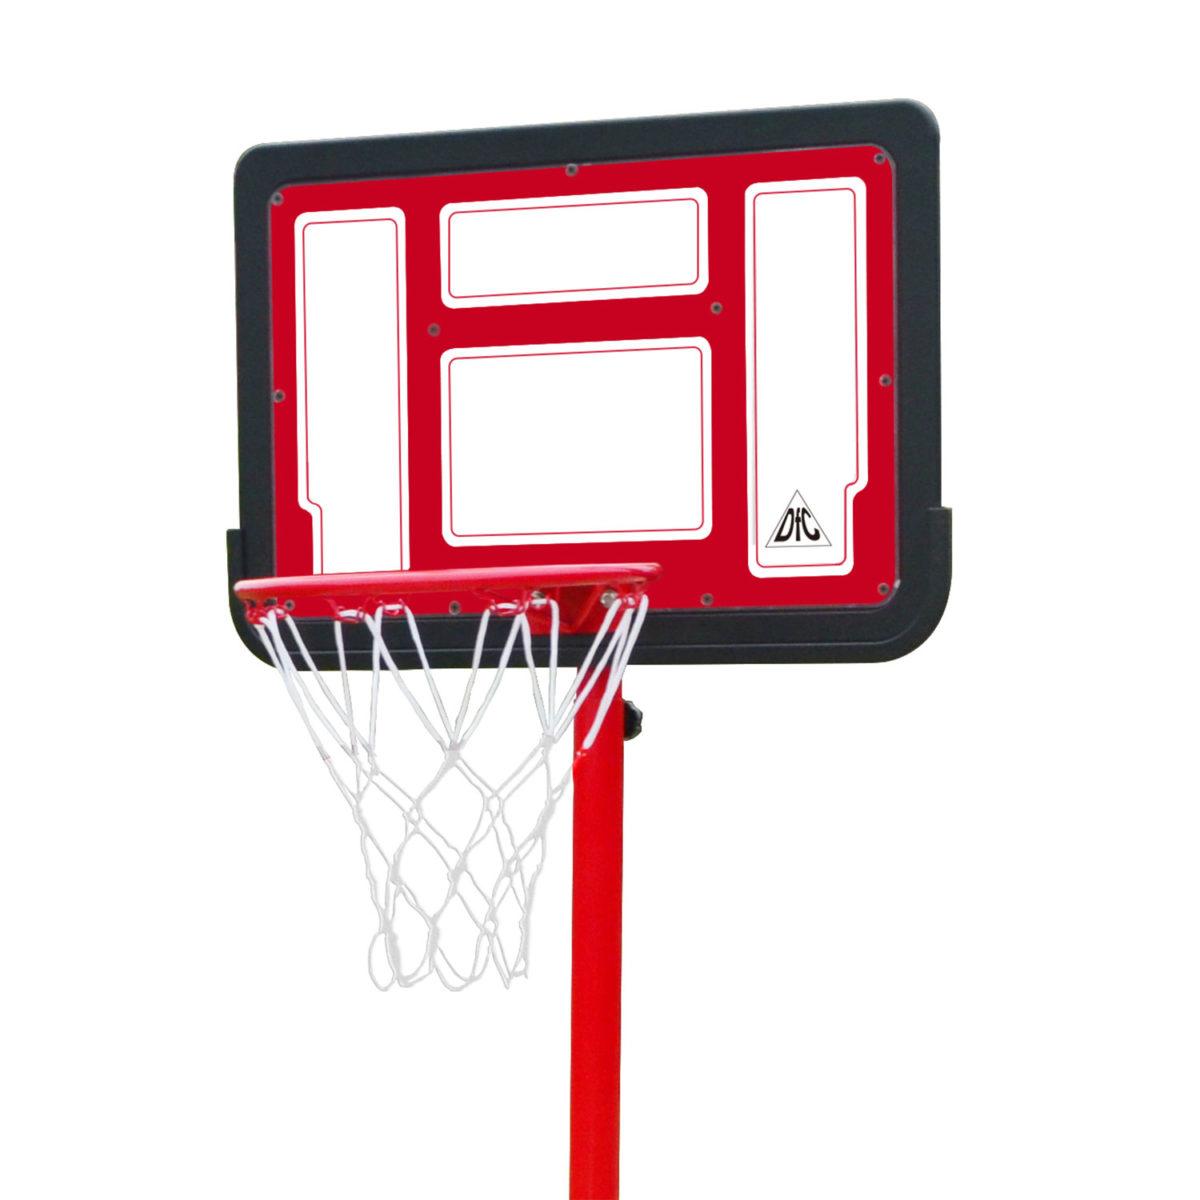 DFC мобильная баскетбольная стойка  KIDSB2 - 2